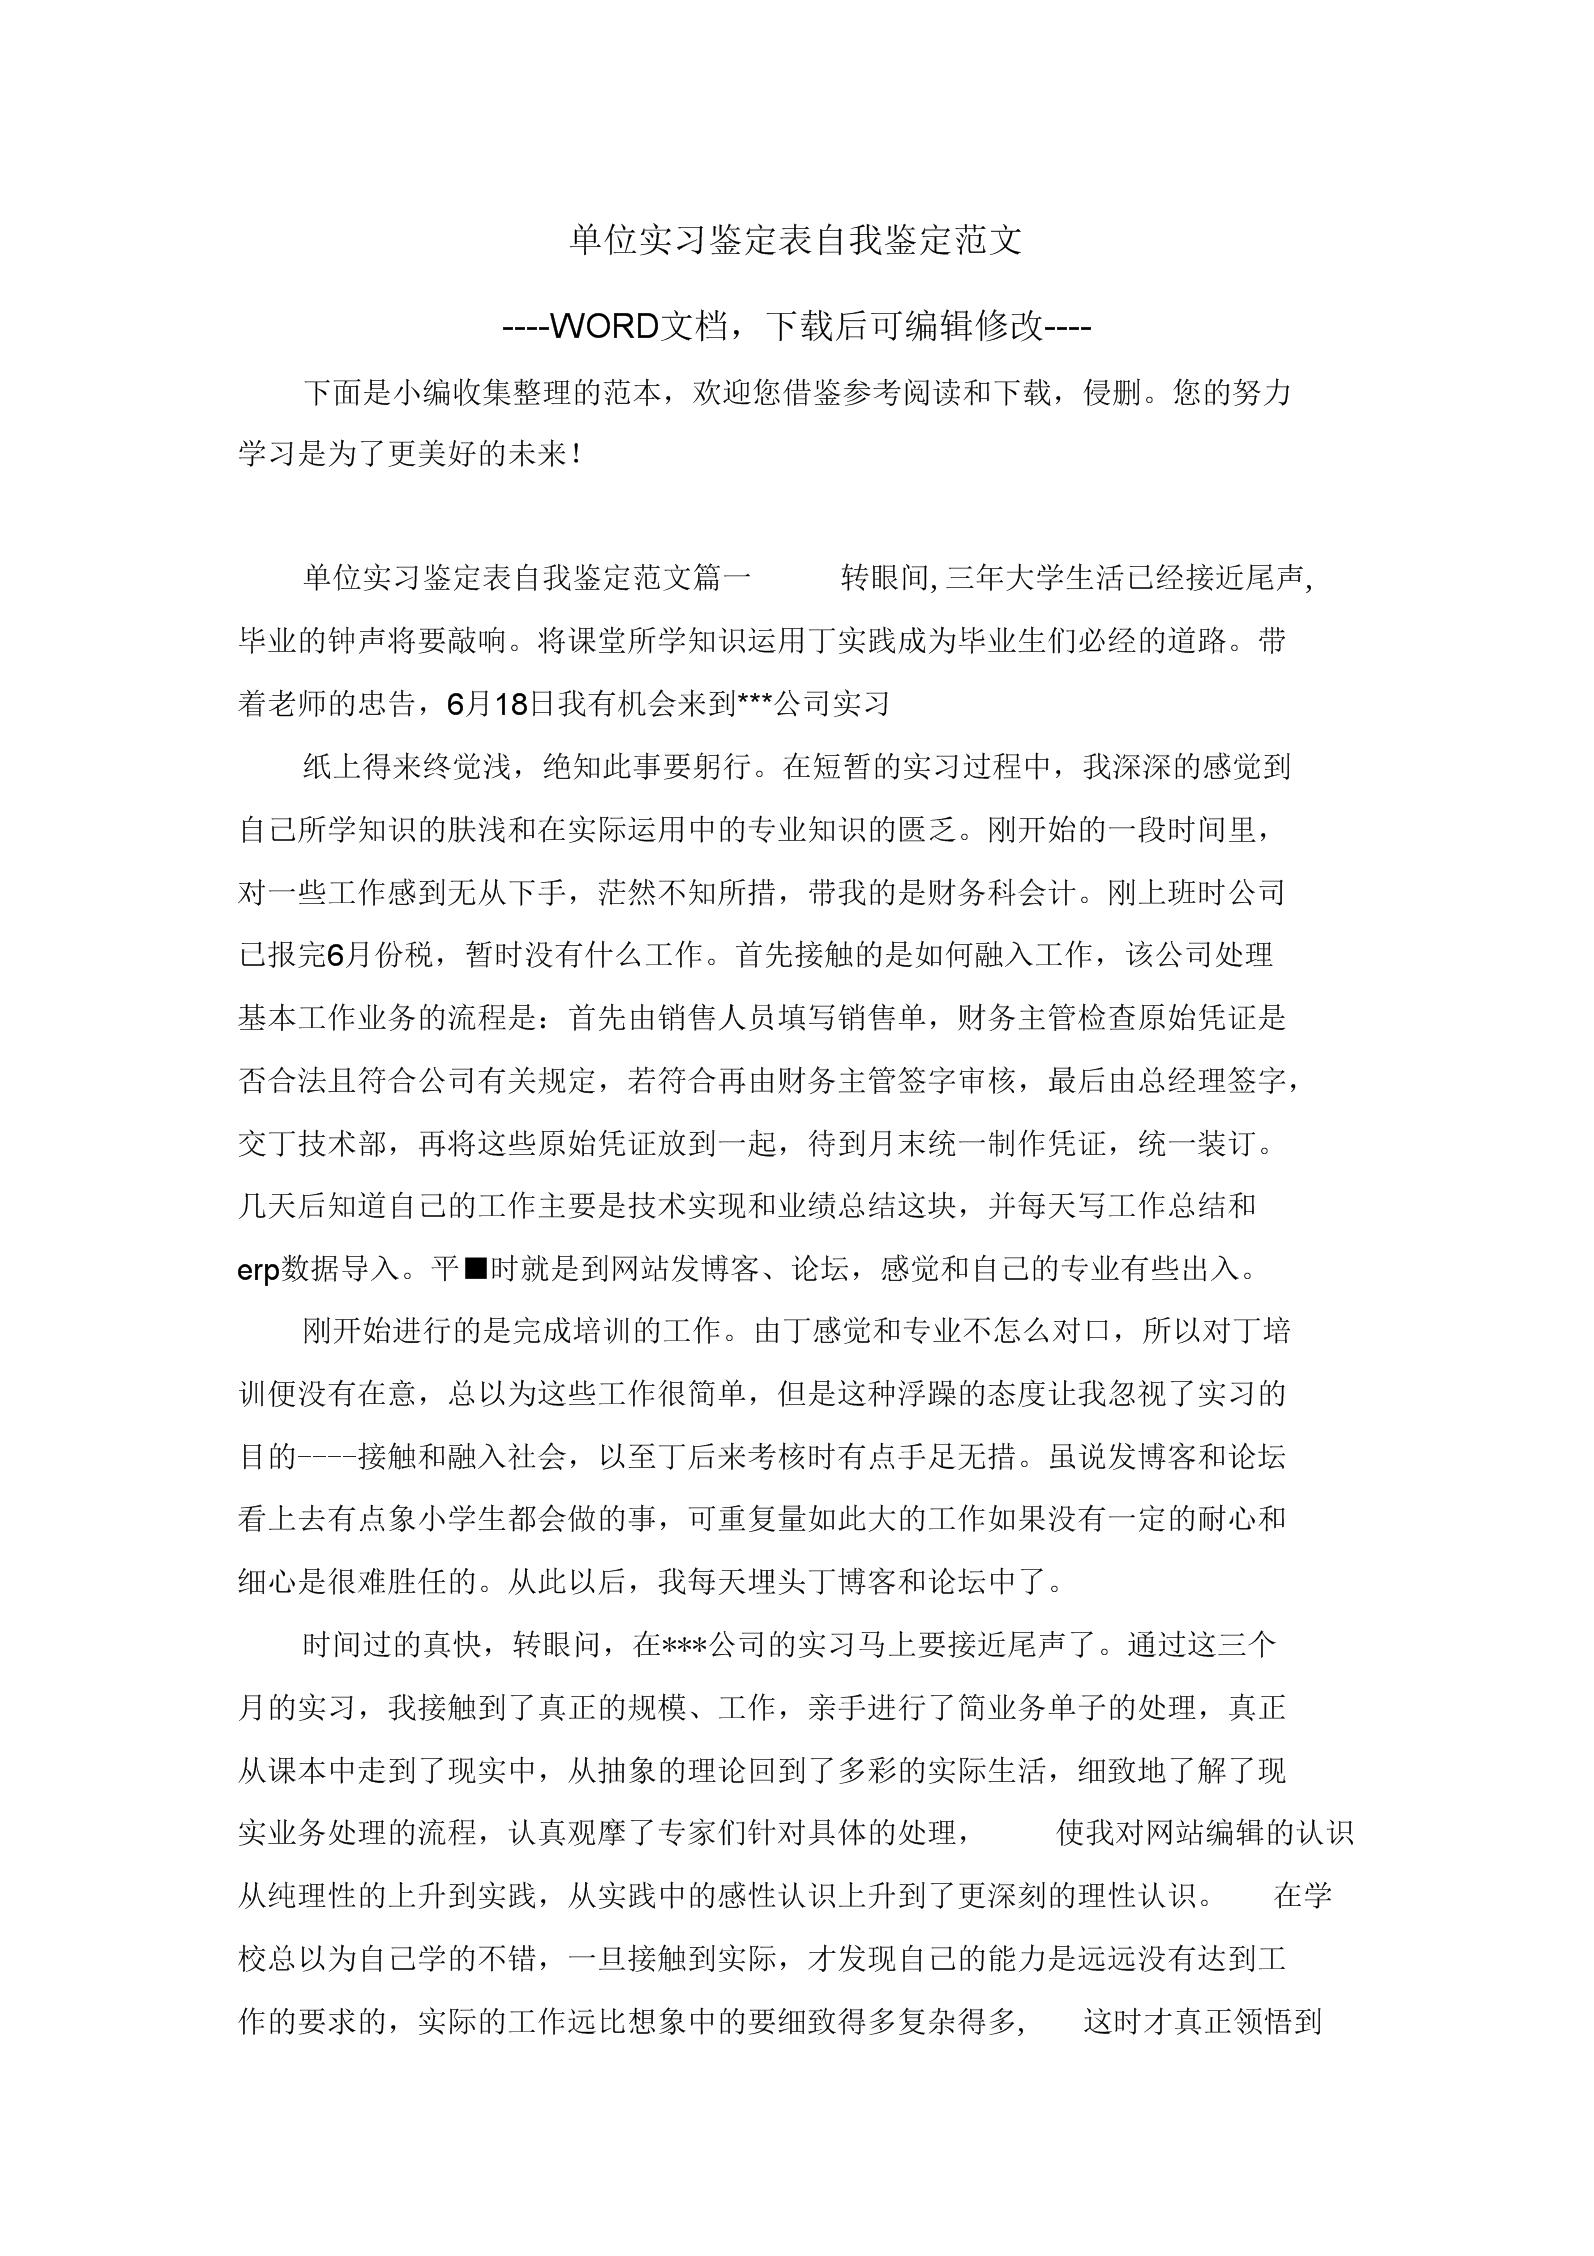 单位实习鉴定表自我鉴定范文.docx